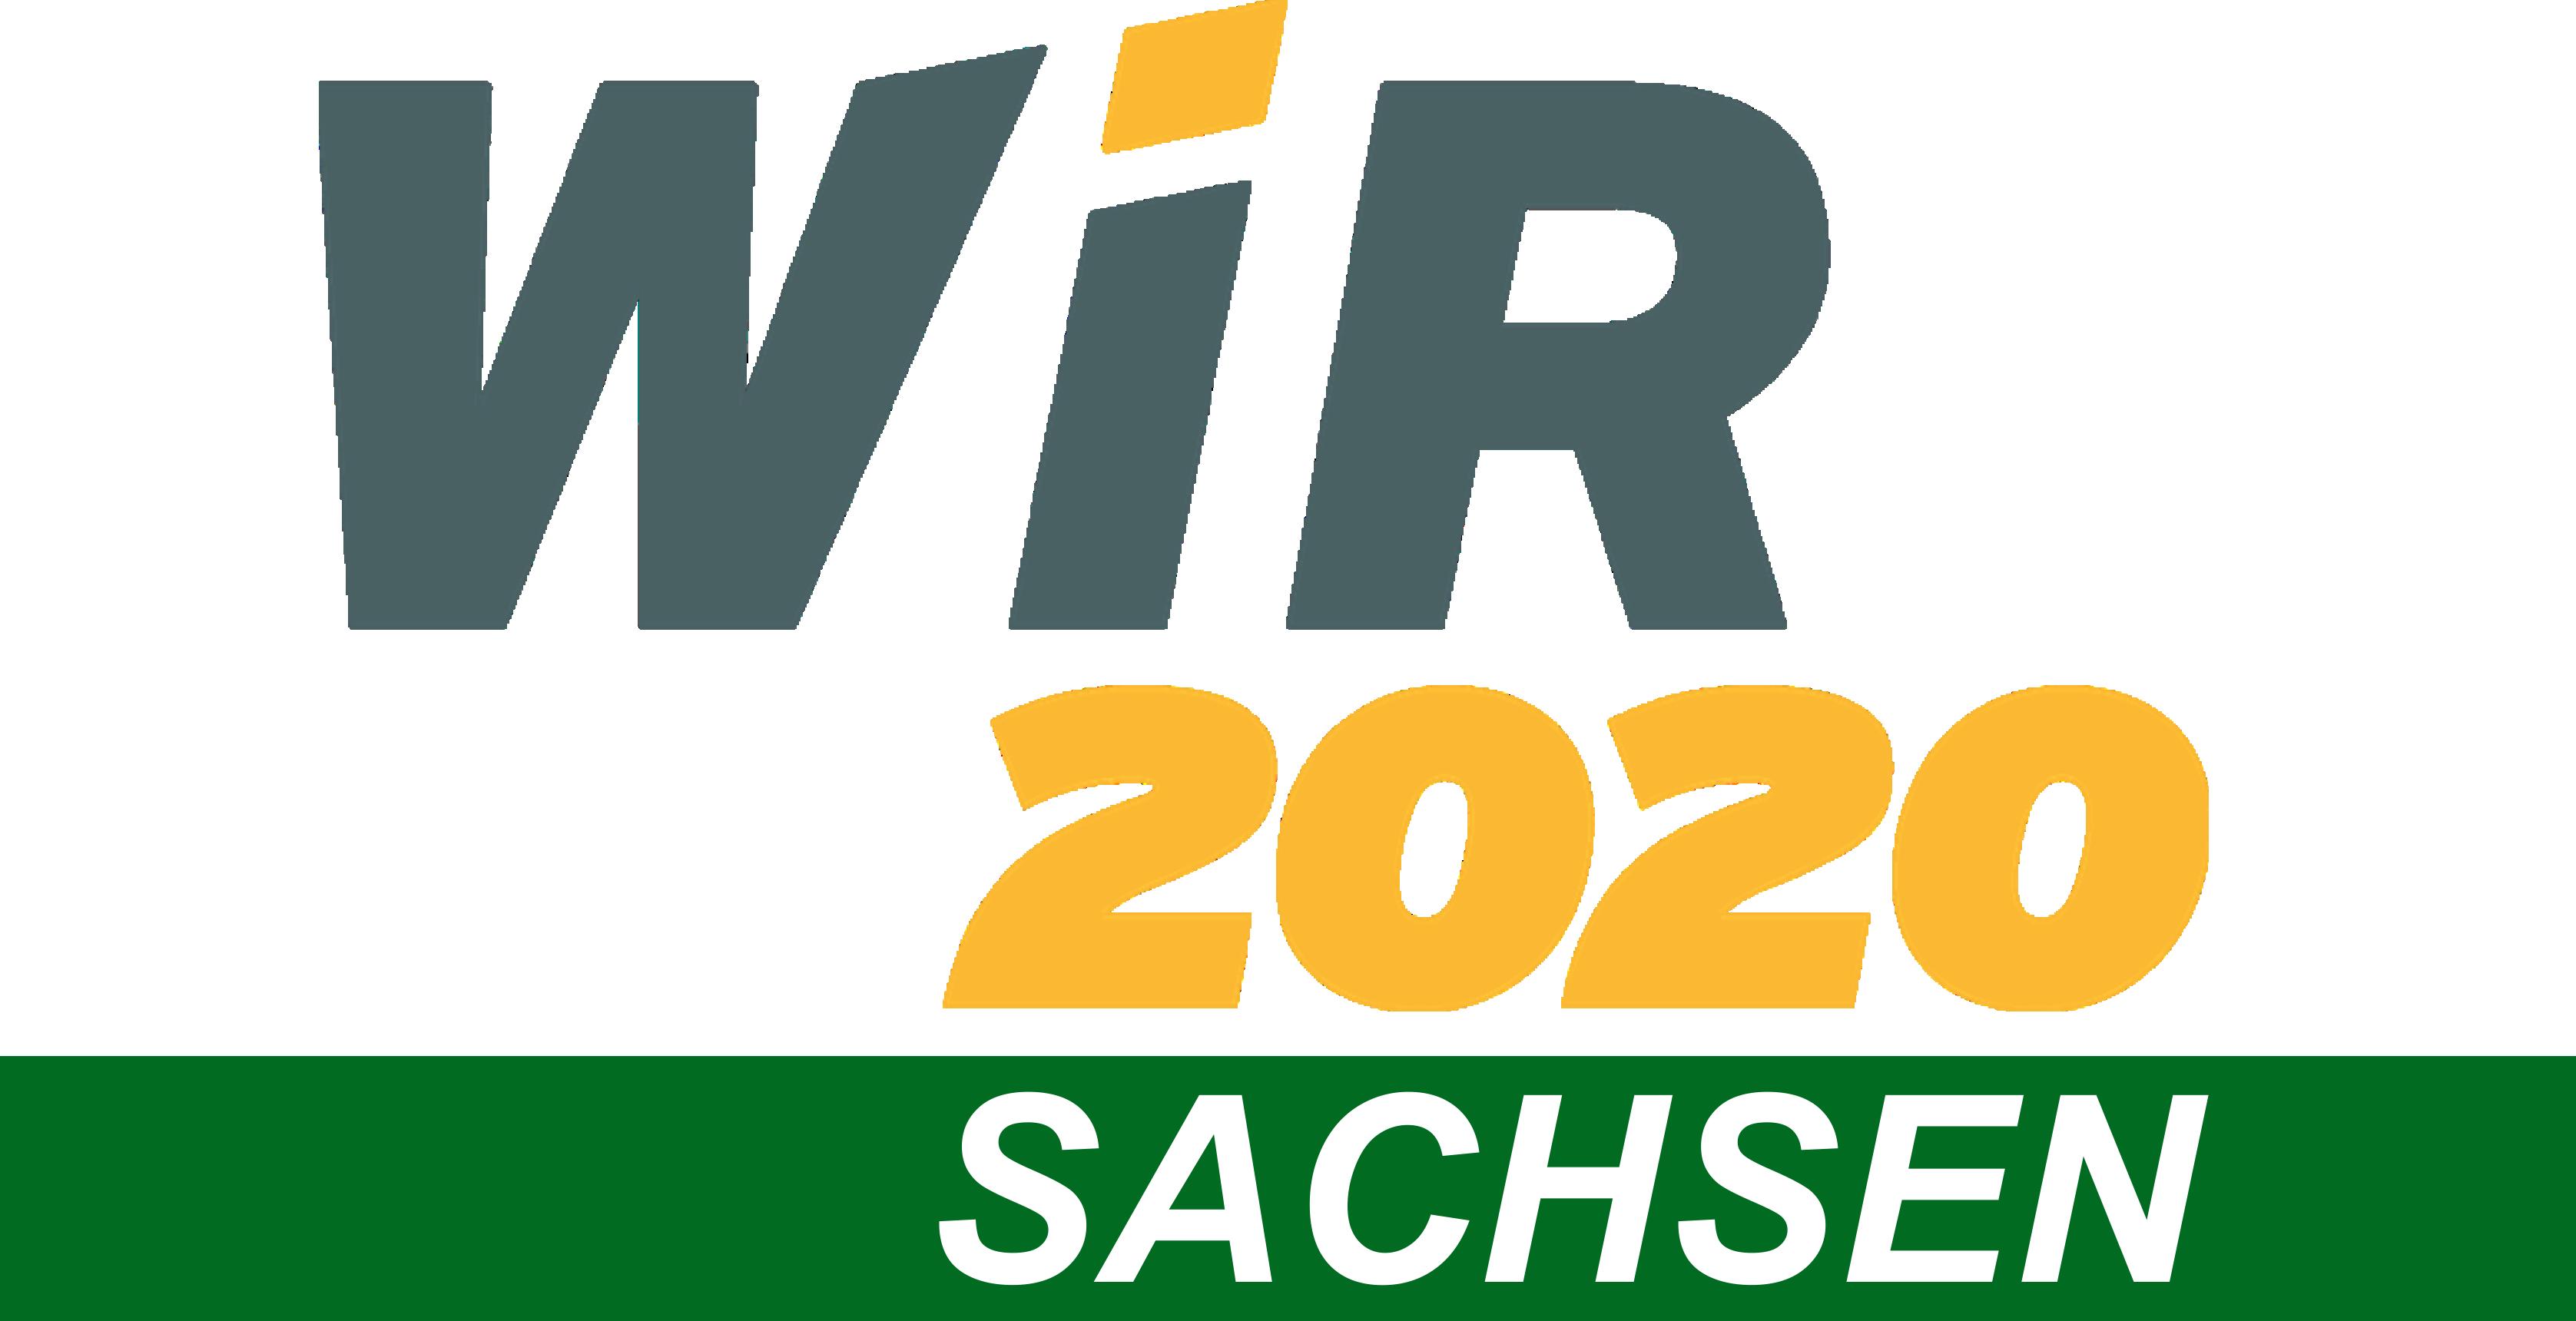 WiR2020Sachsen: Demokratie mit Herz und Verstand